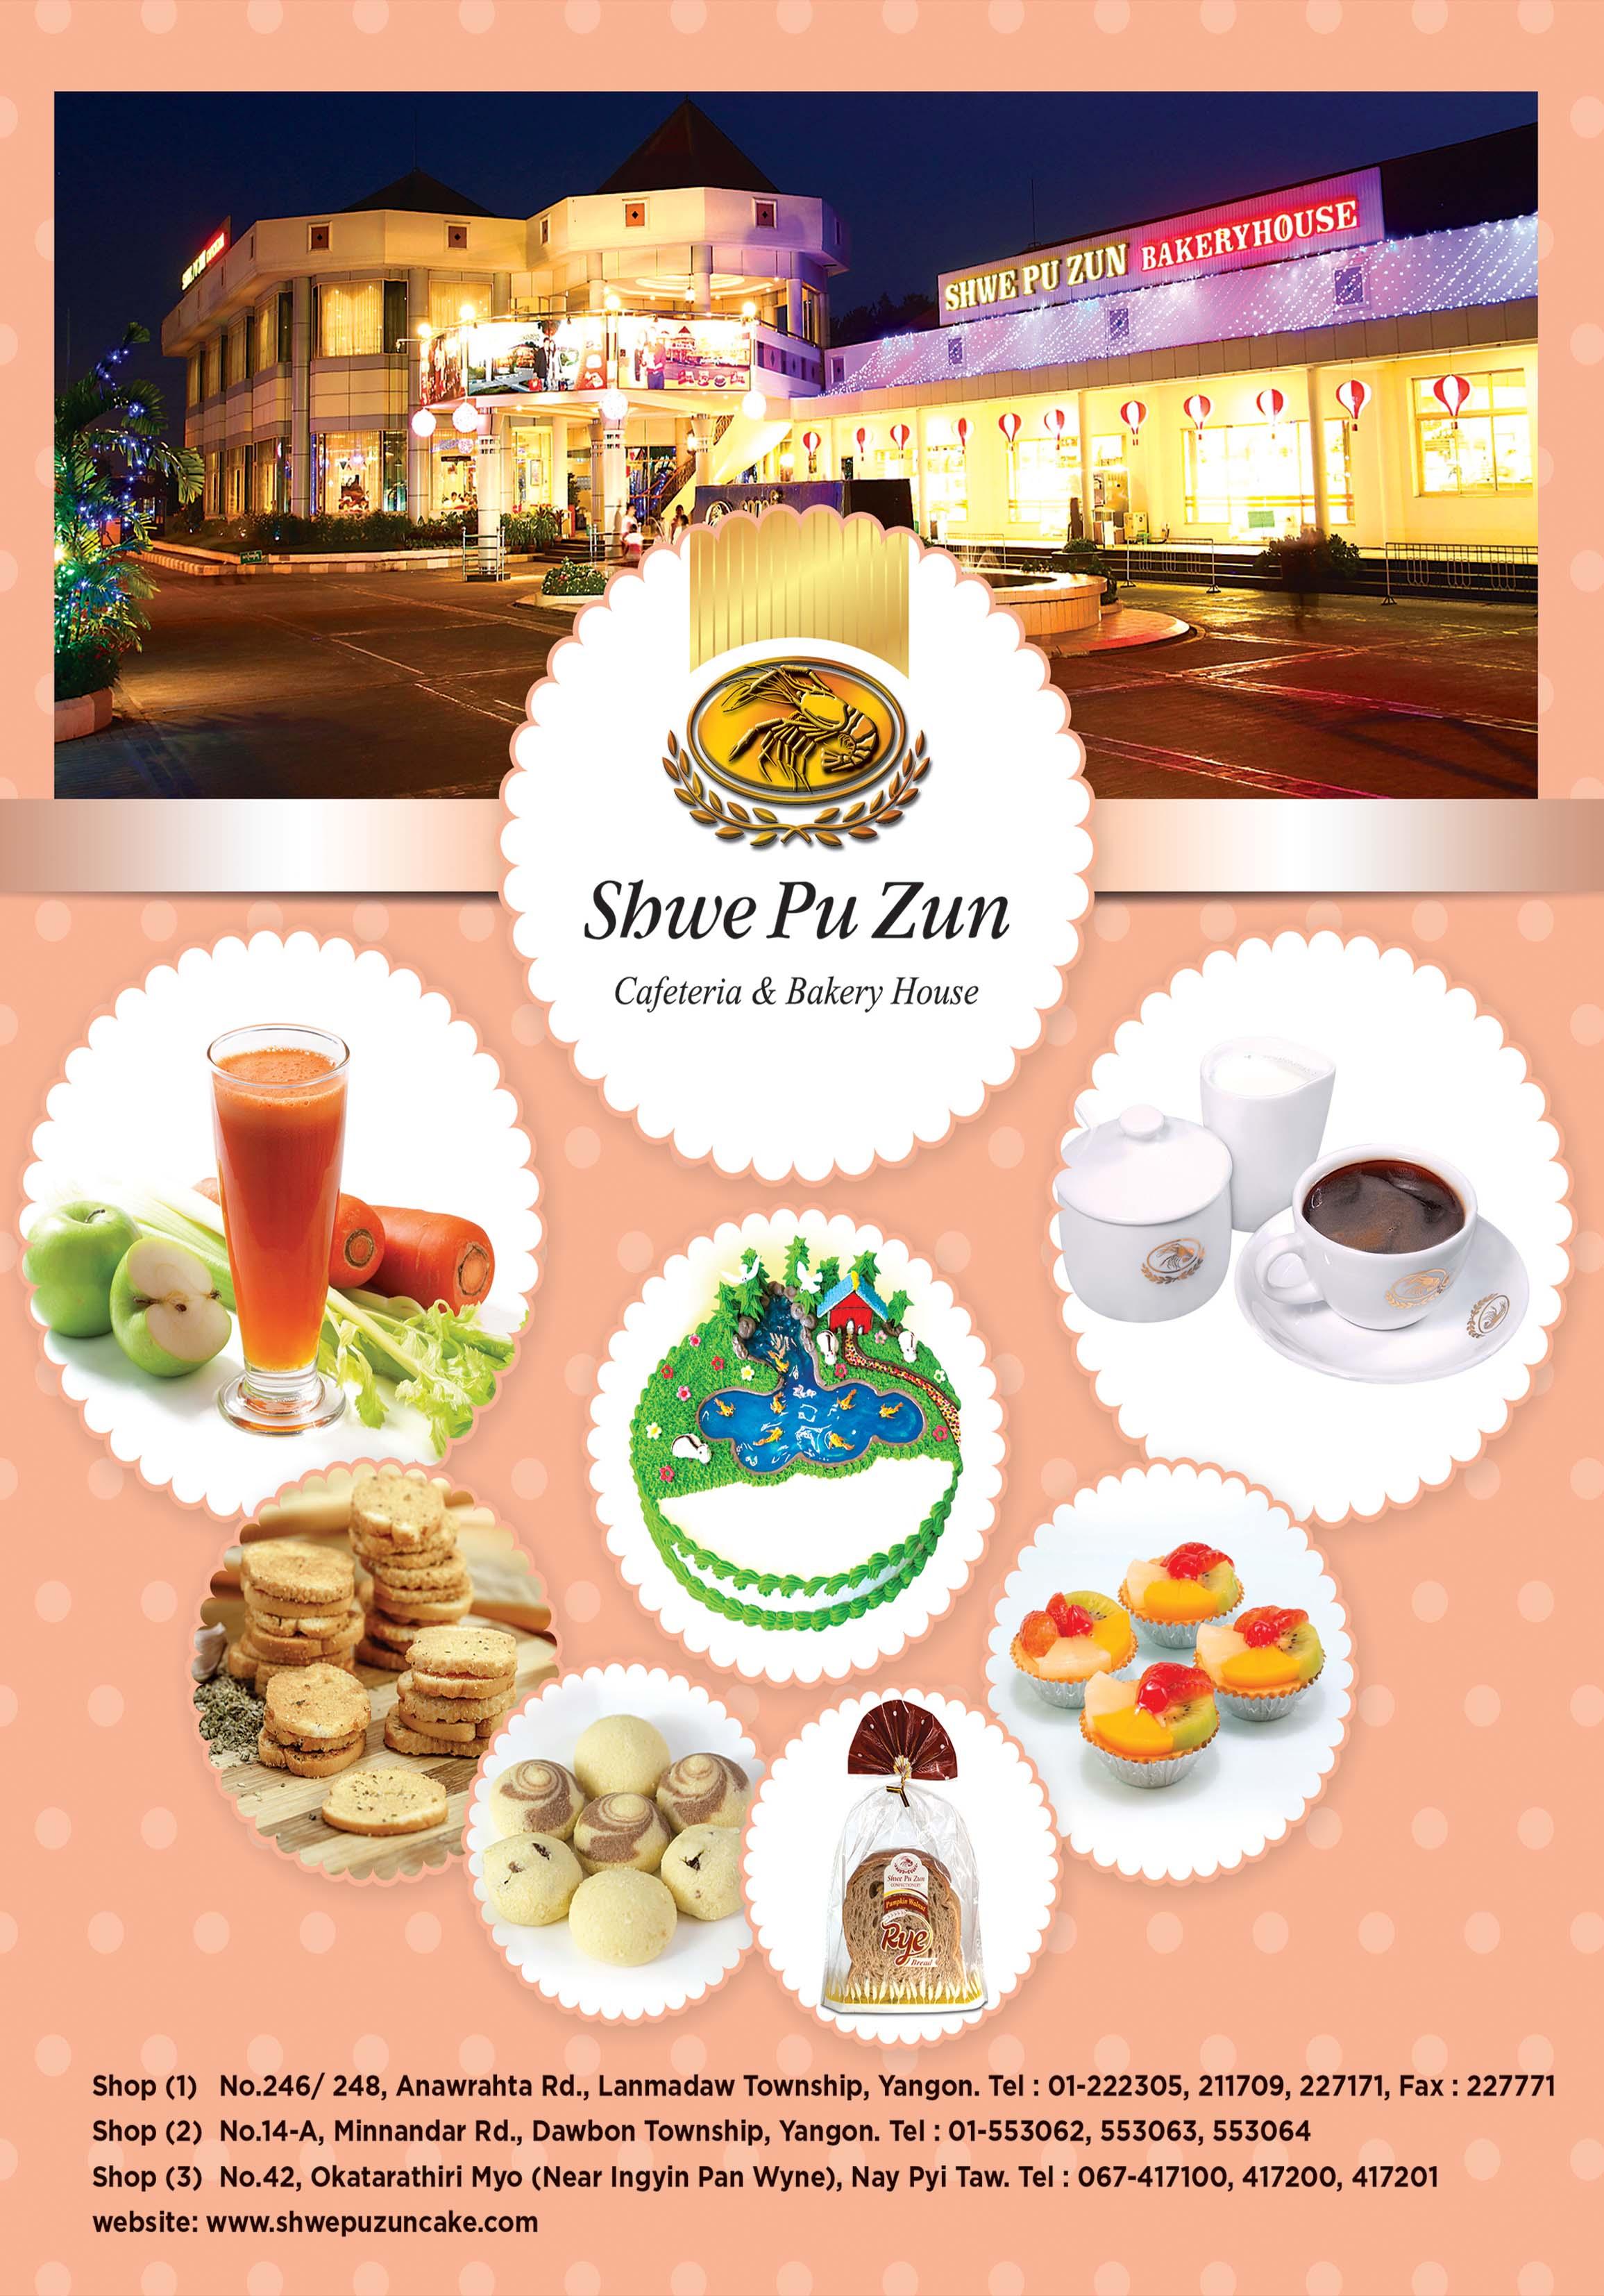 Shwe Pu Zun